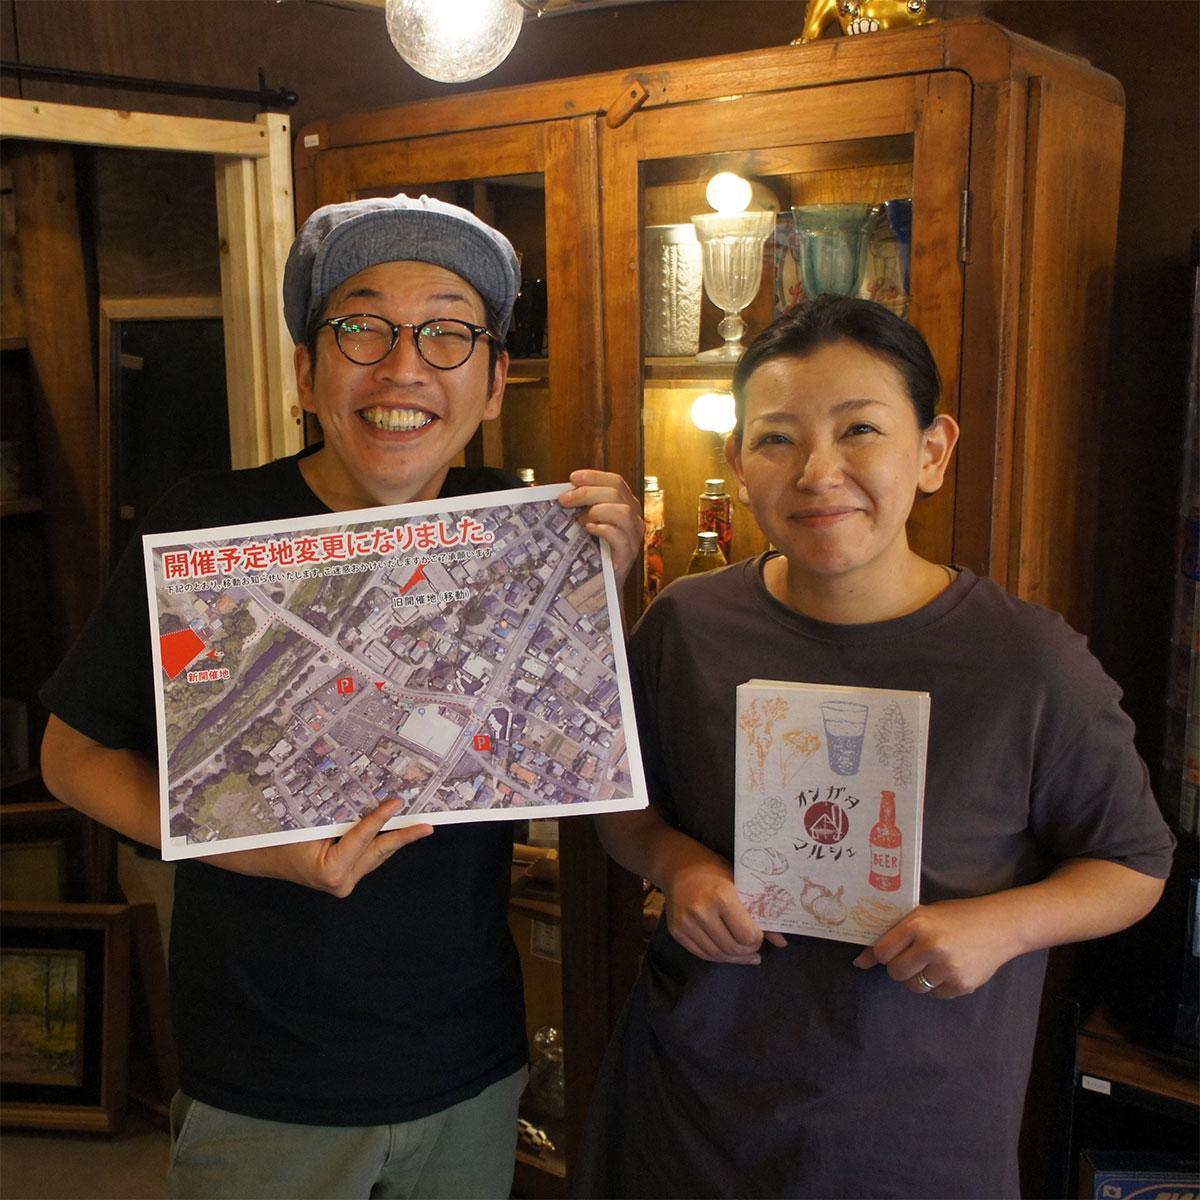 「オンガタマルシェ」を手掛ける門脇大輔さん(左)と門脇千春さん